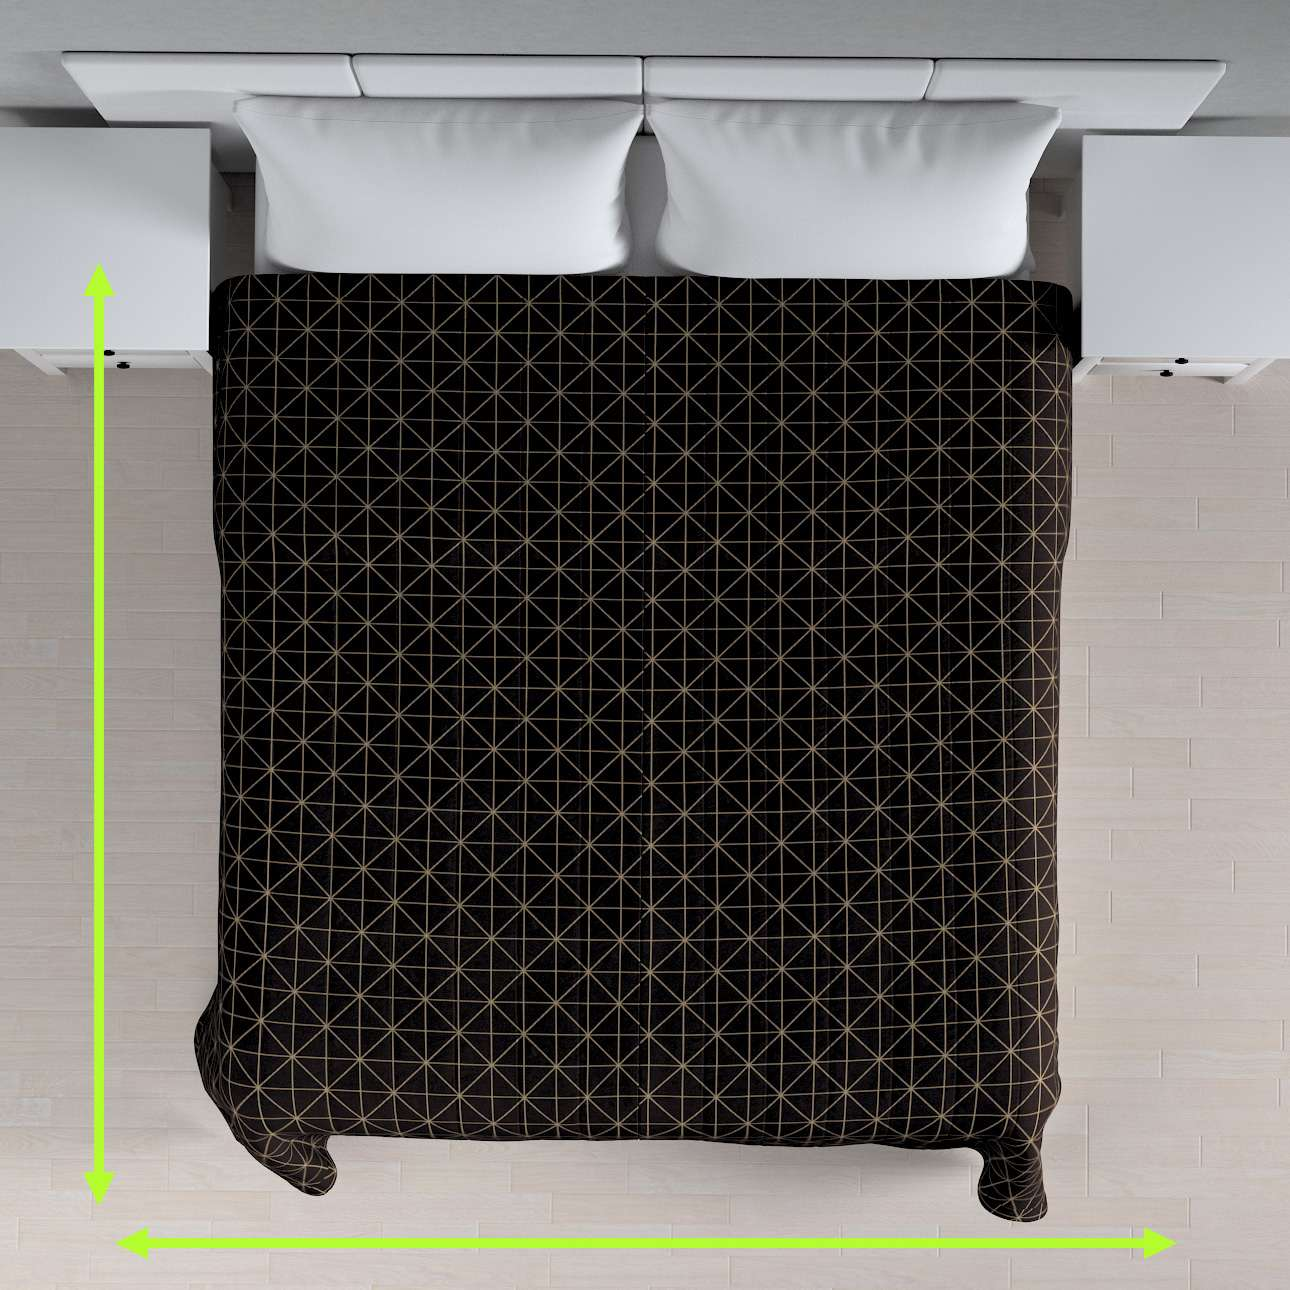 Tagesdecke mit Streifen-Steppung von der Kollektion Black & White, Stoff: 142-55